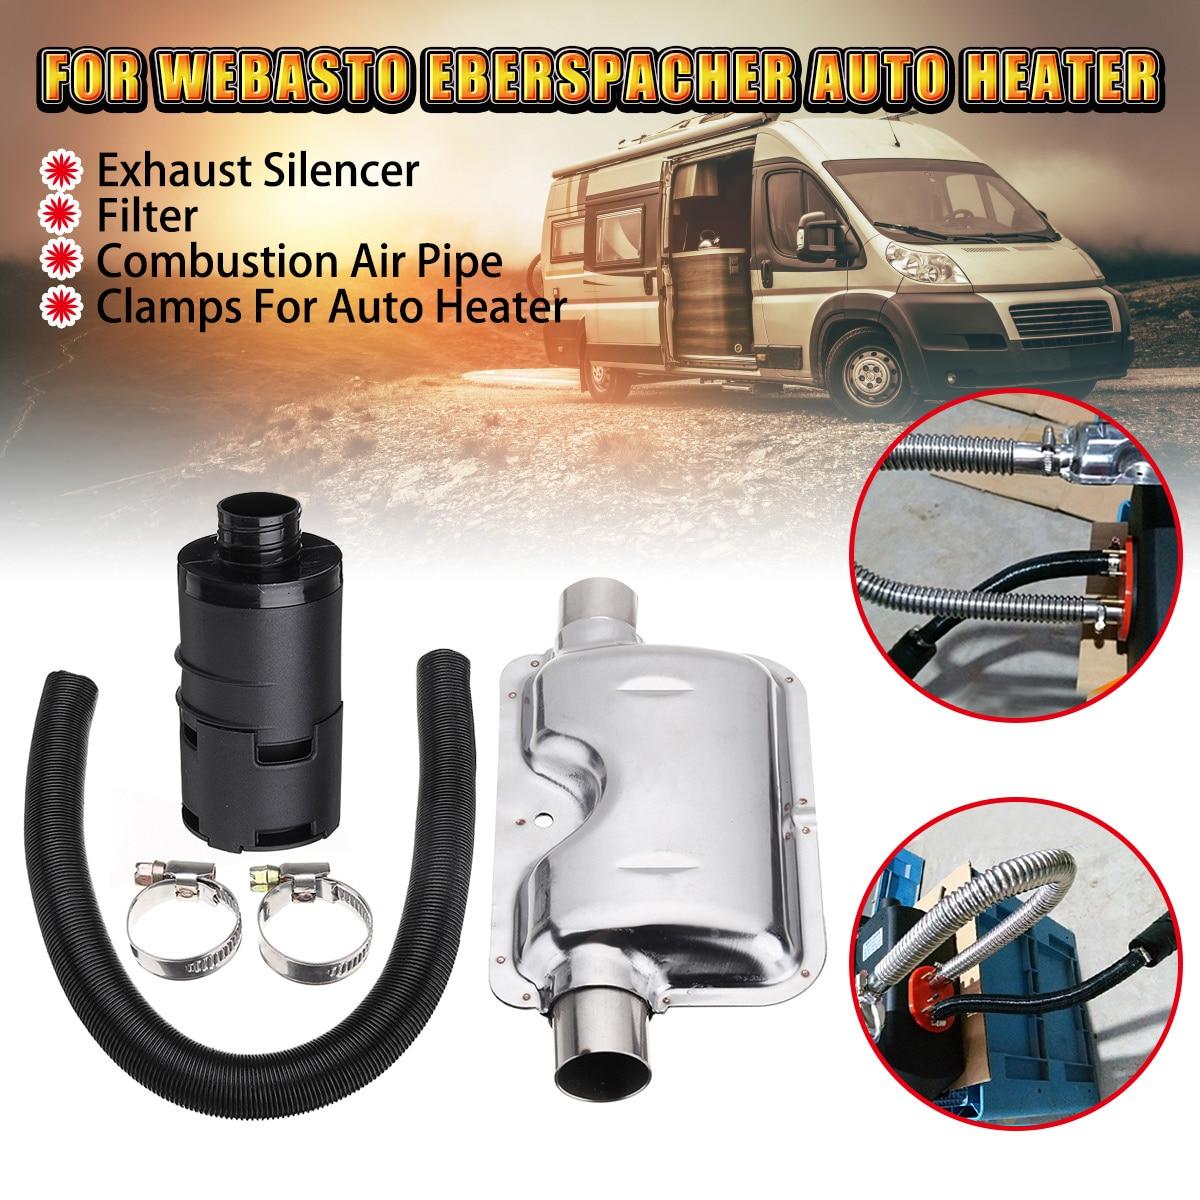 3 stücke 24mm Abgasschalldämpfer + 25mm Filter + Verbrennung Air Intake Filter Rohr Kehle Hoop Schellen für webasto Eberspacher Auto Heizung